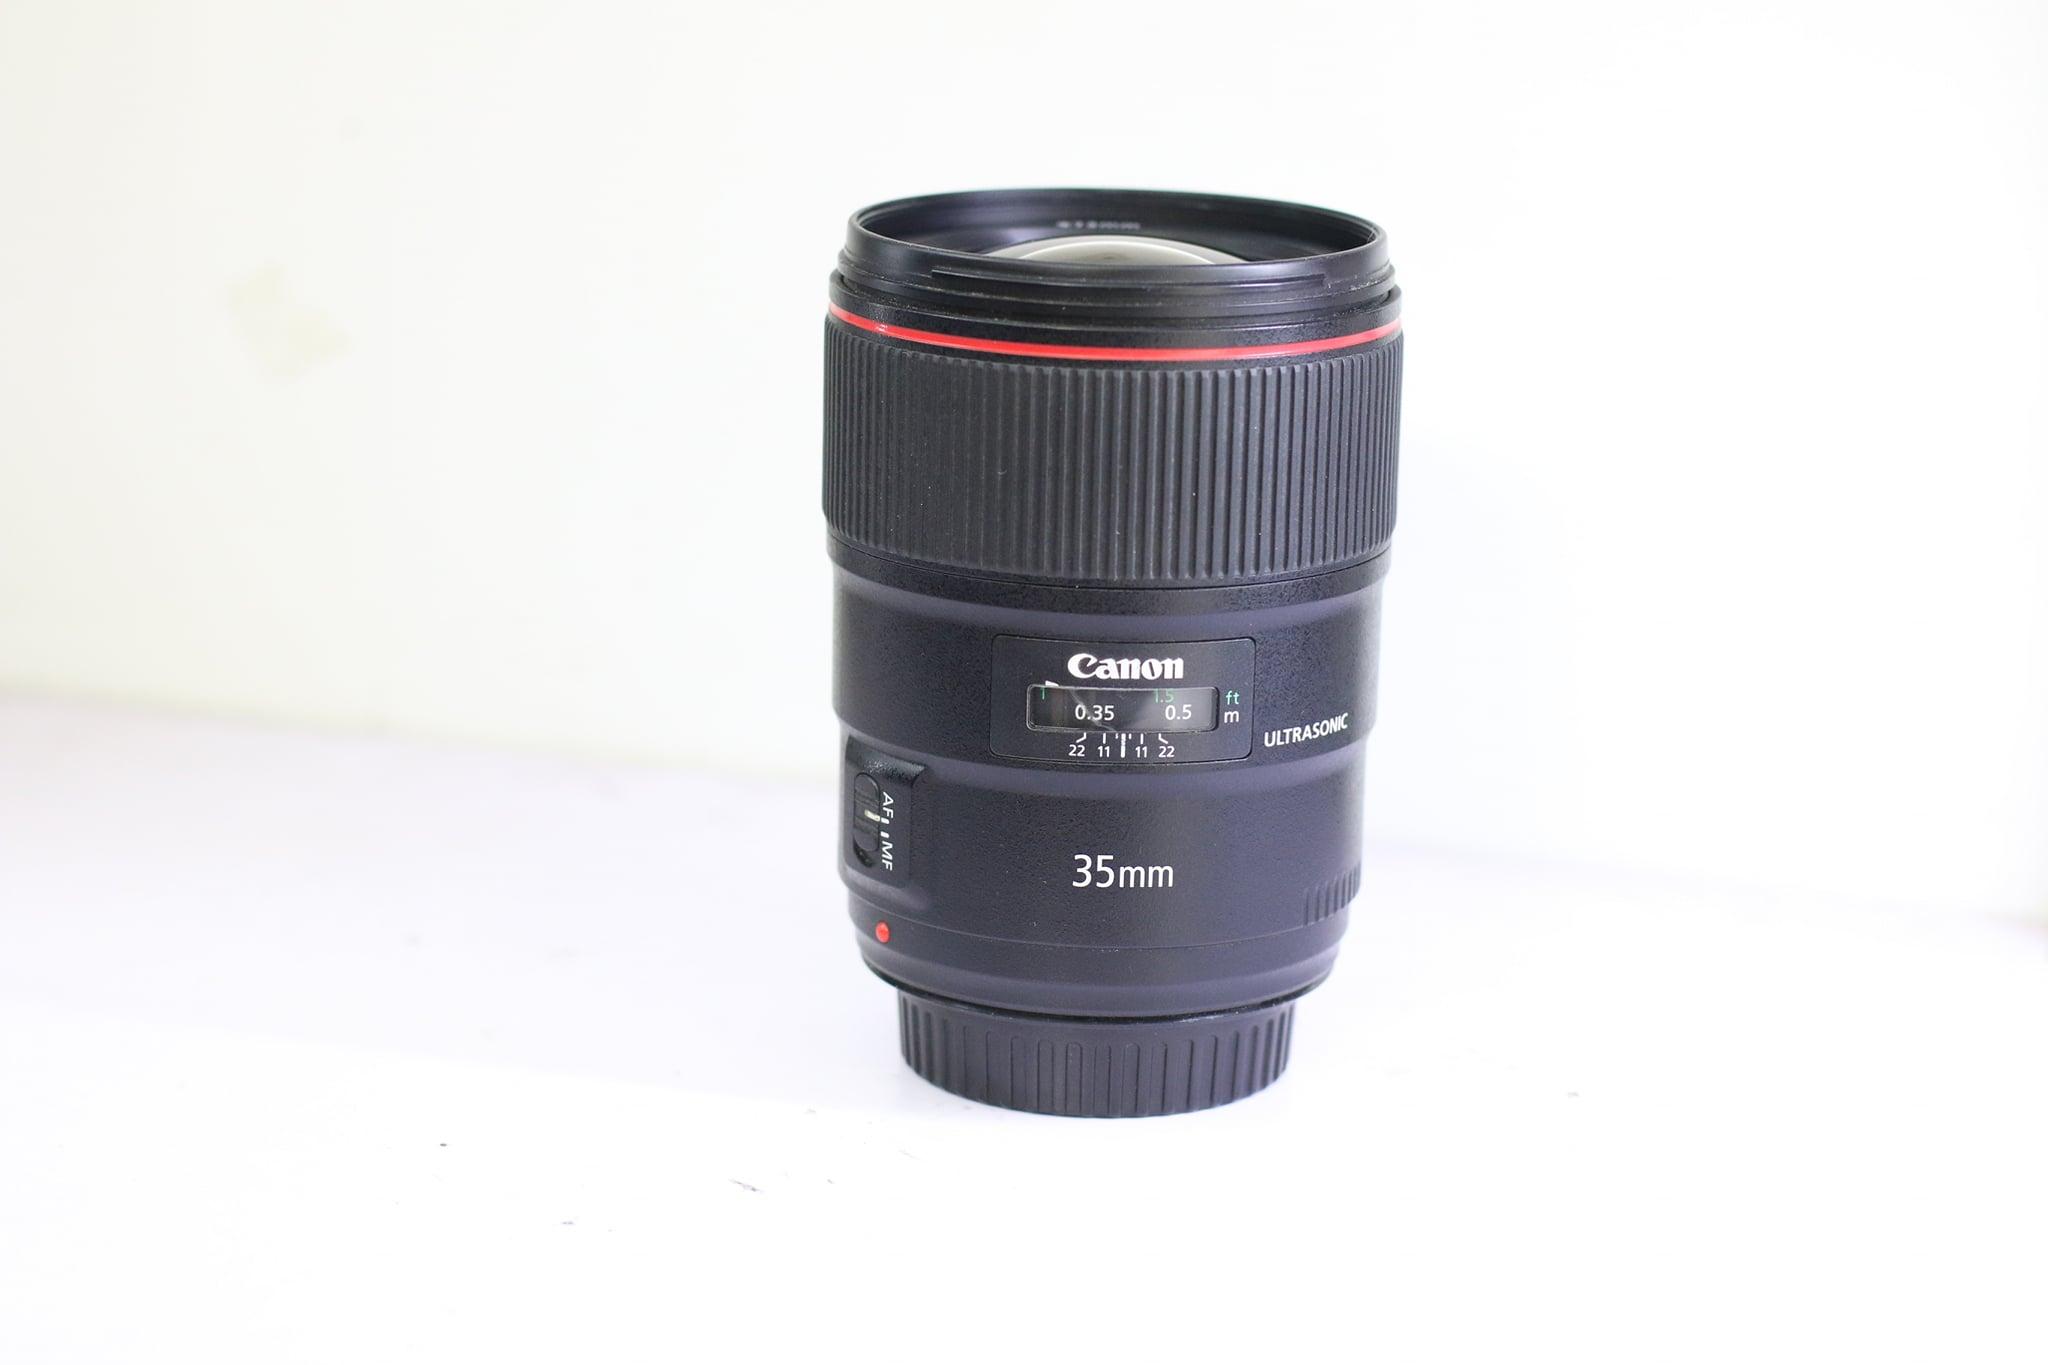 Ống Kính Canon EF 35mm F/1.4 L II USM Cũ